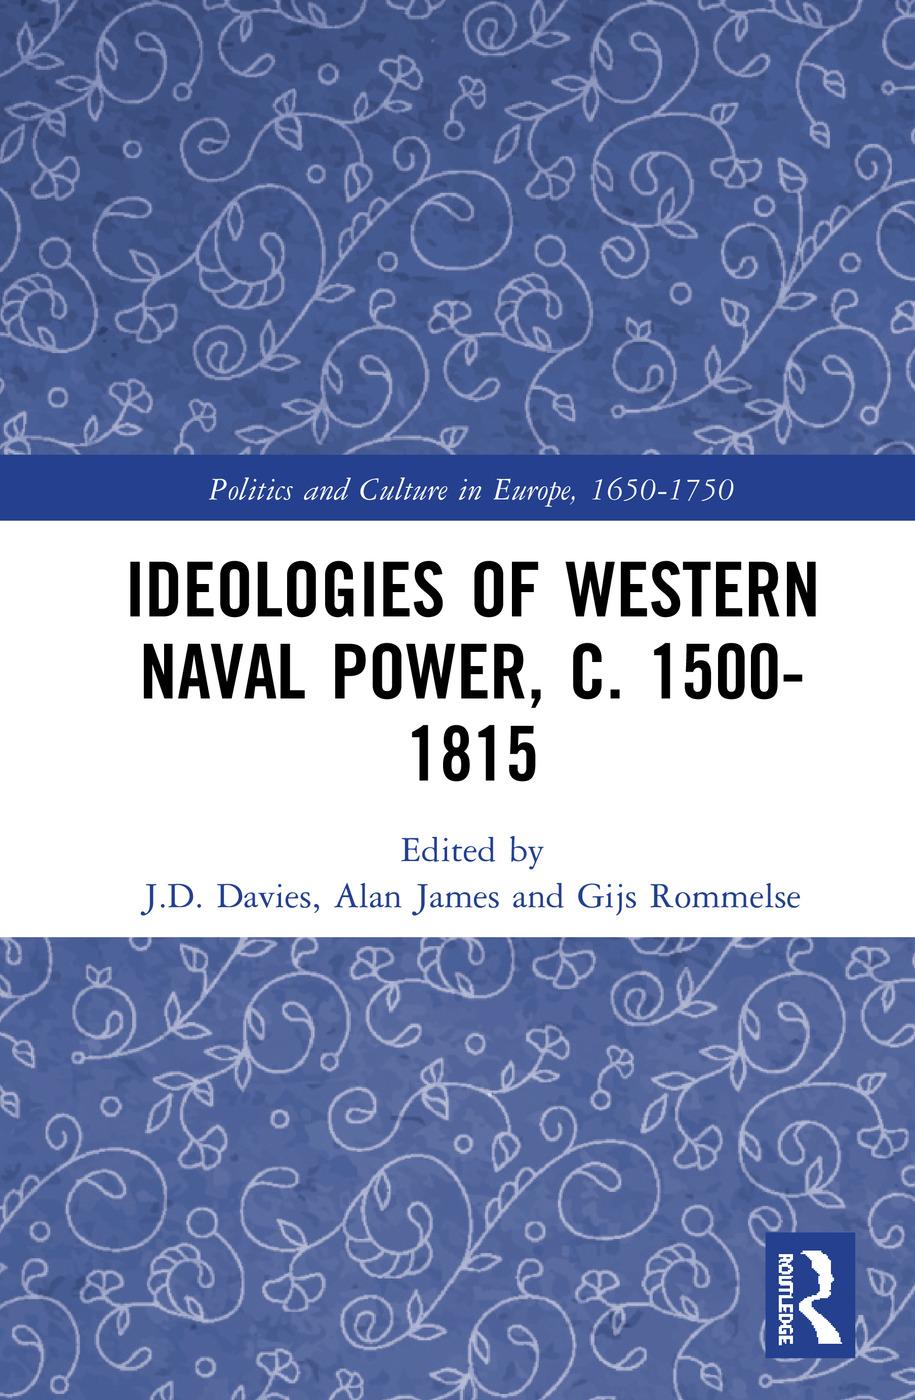 Ideologies of Western Naval Power, c. 1500-1815